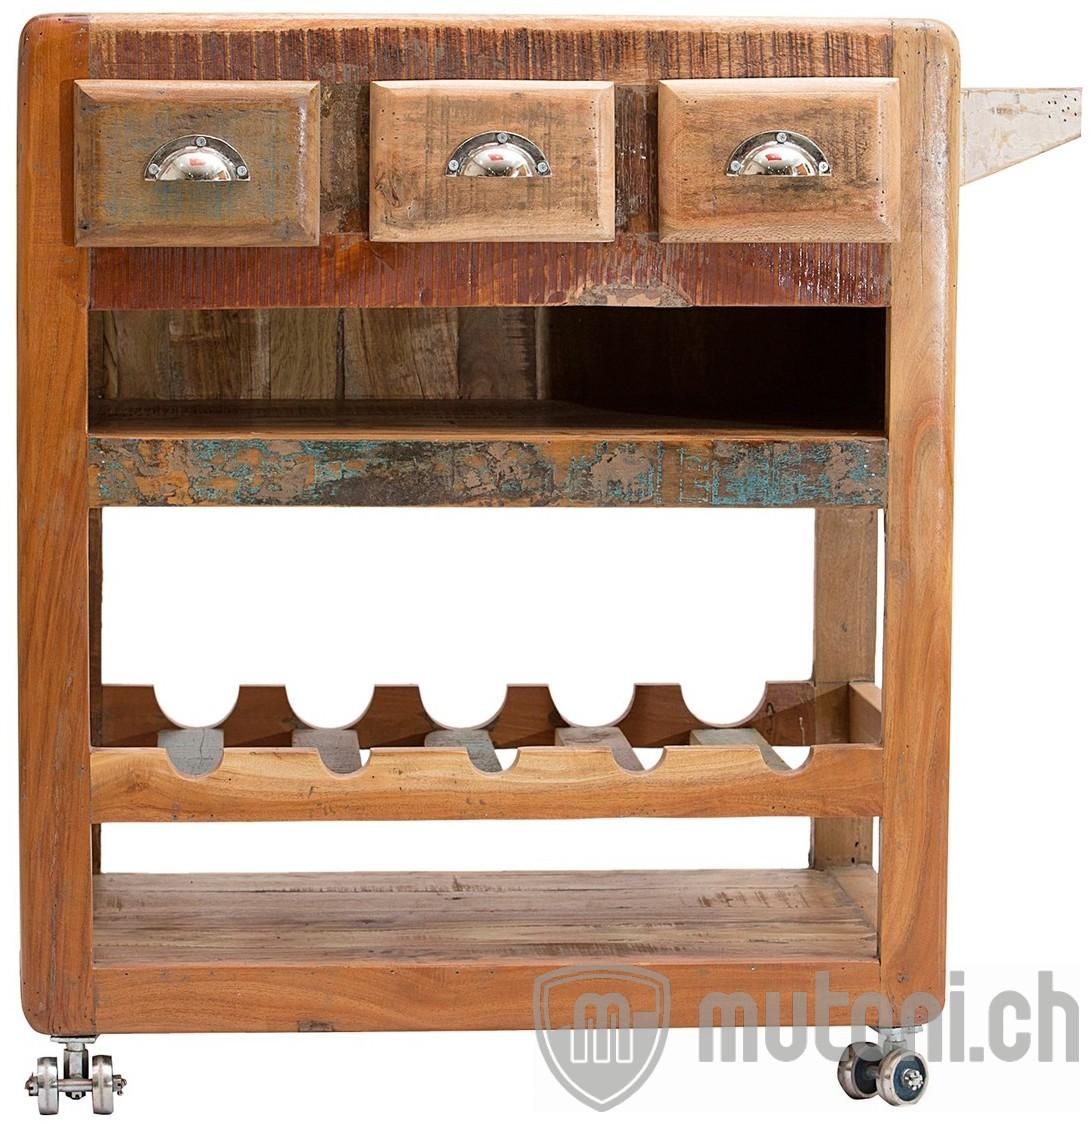 k chenwagen fridge colored vintage bunt 78x85 mutoni living mutoni m bel. Black Bedroom Furniture Sets. Home Design Ideas